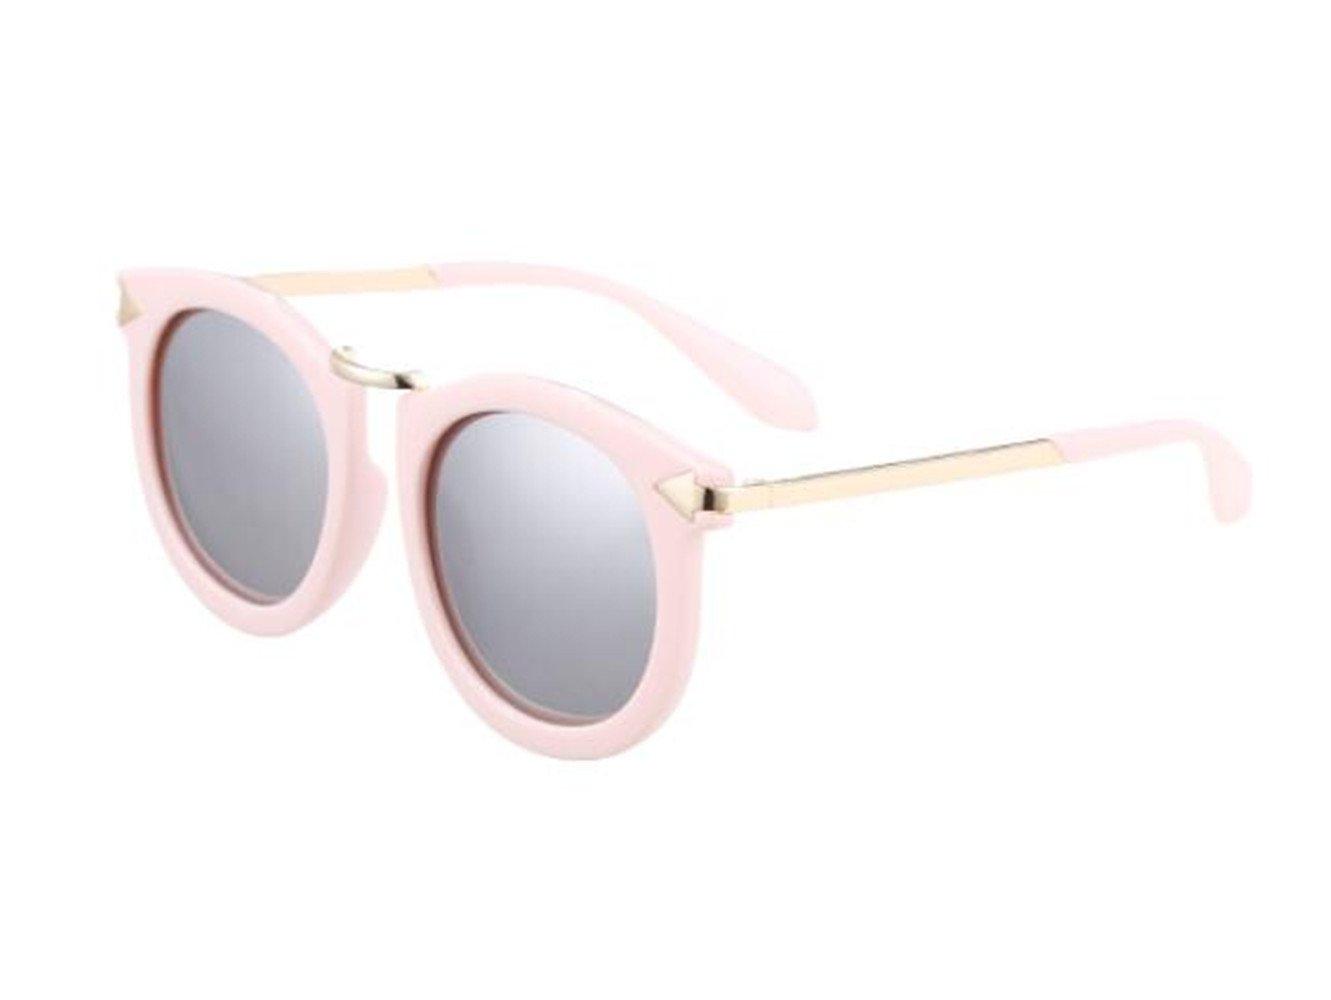 SHULING Sonnenbrille Das Neue Kind Sonnenbrille Persönlichkeit Kreis Sonnenbrillen Fashion Girls Membran Auch Gläser